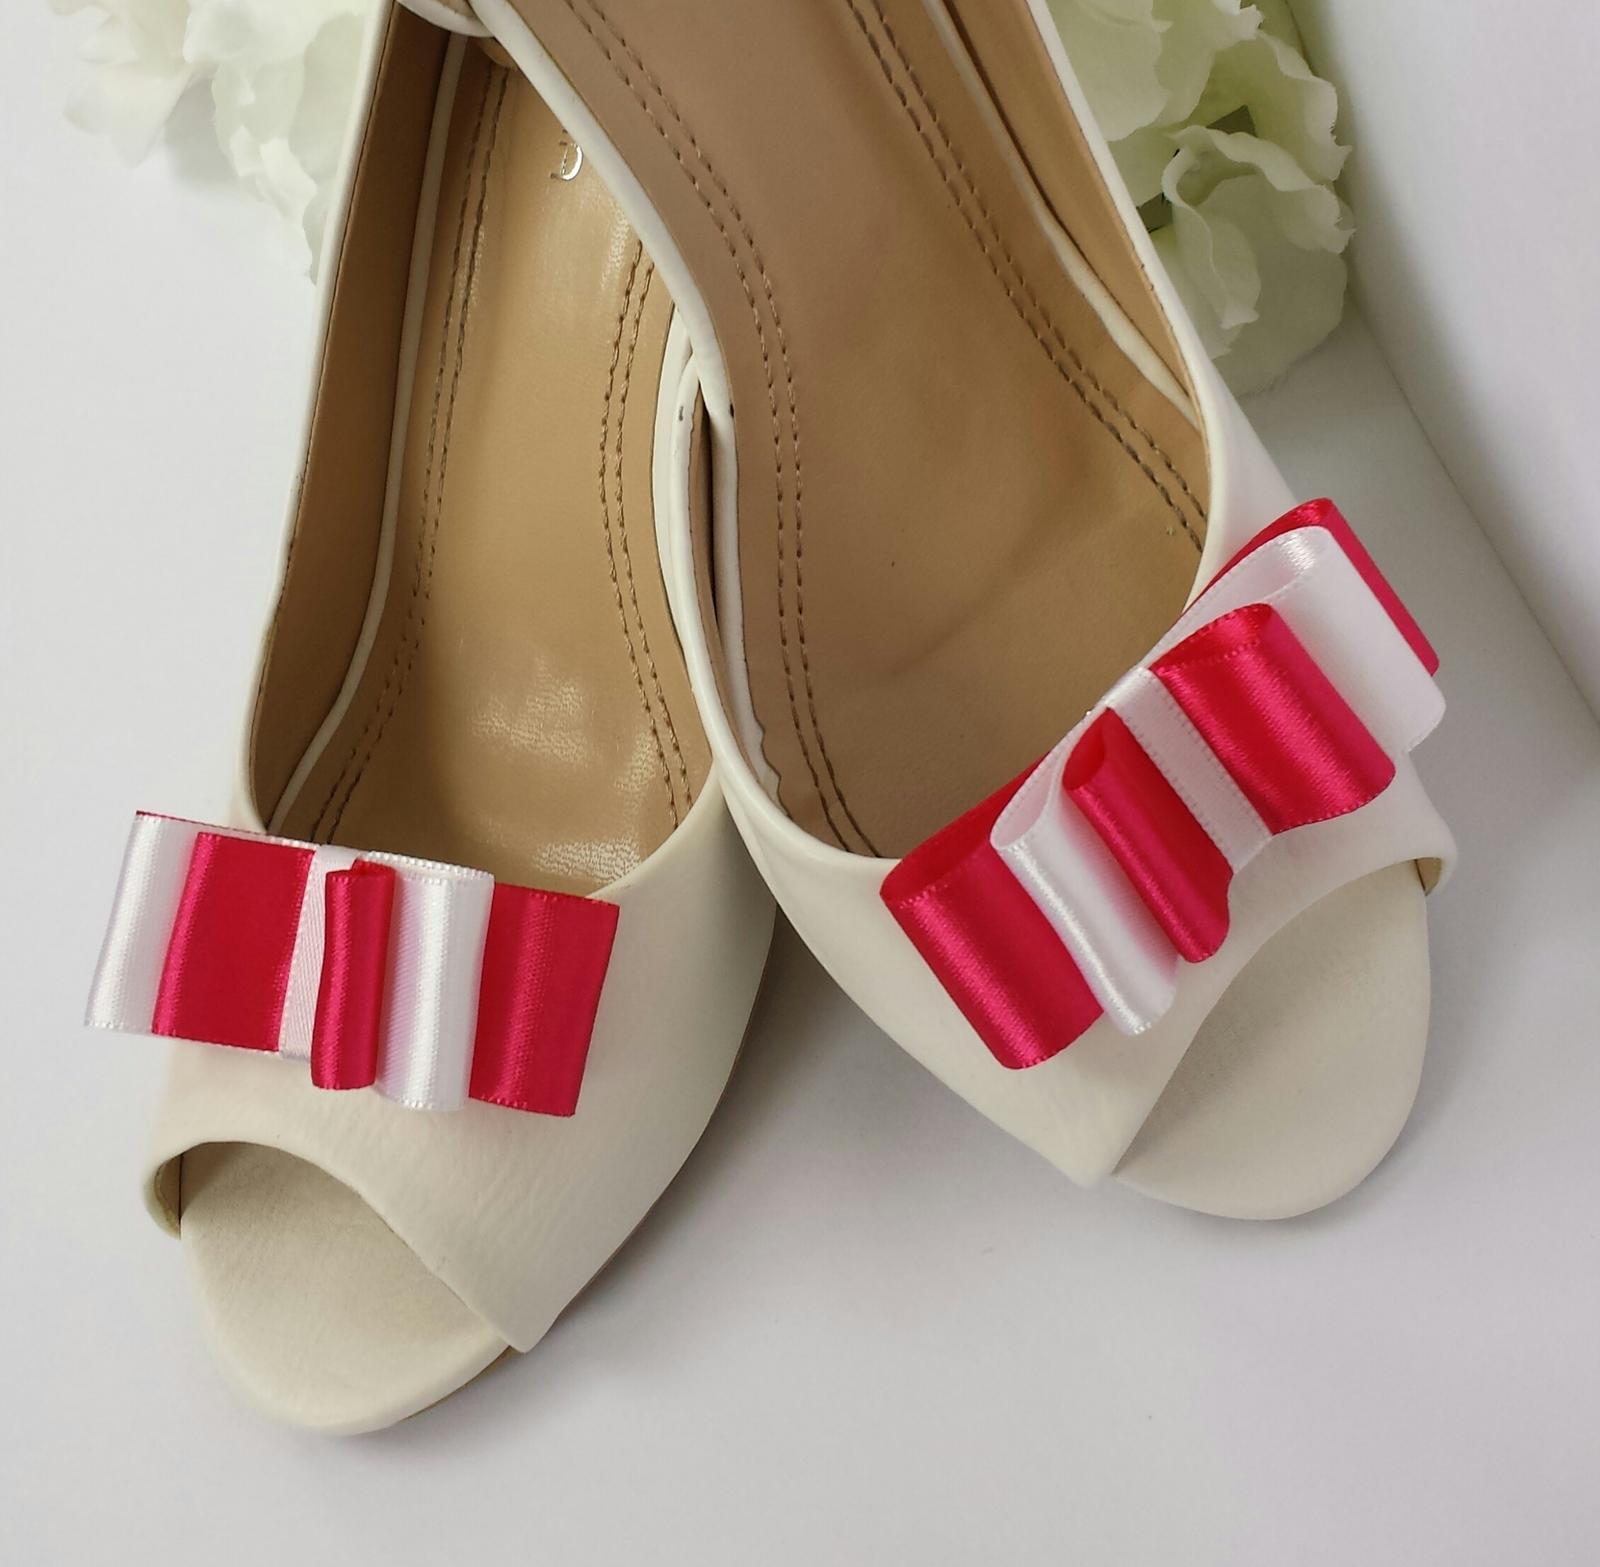 Klipy na boty odstín dle přání - Obrázek č. 3